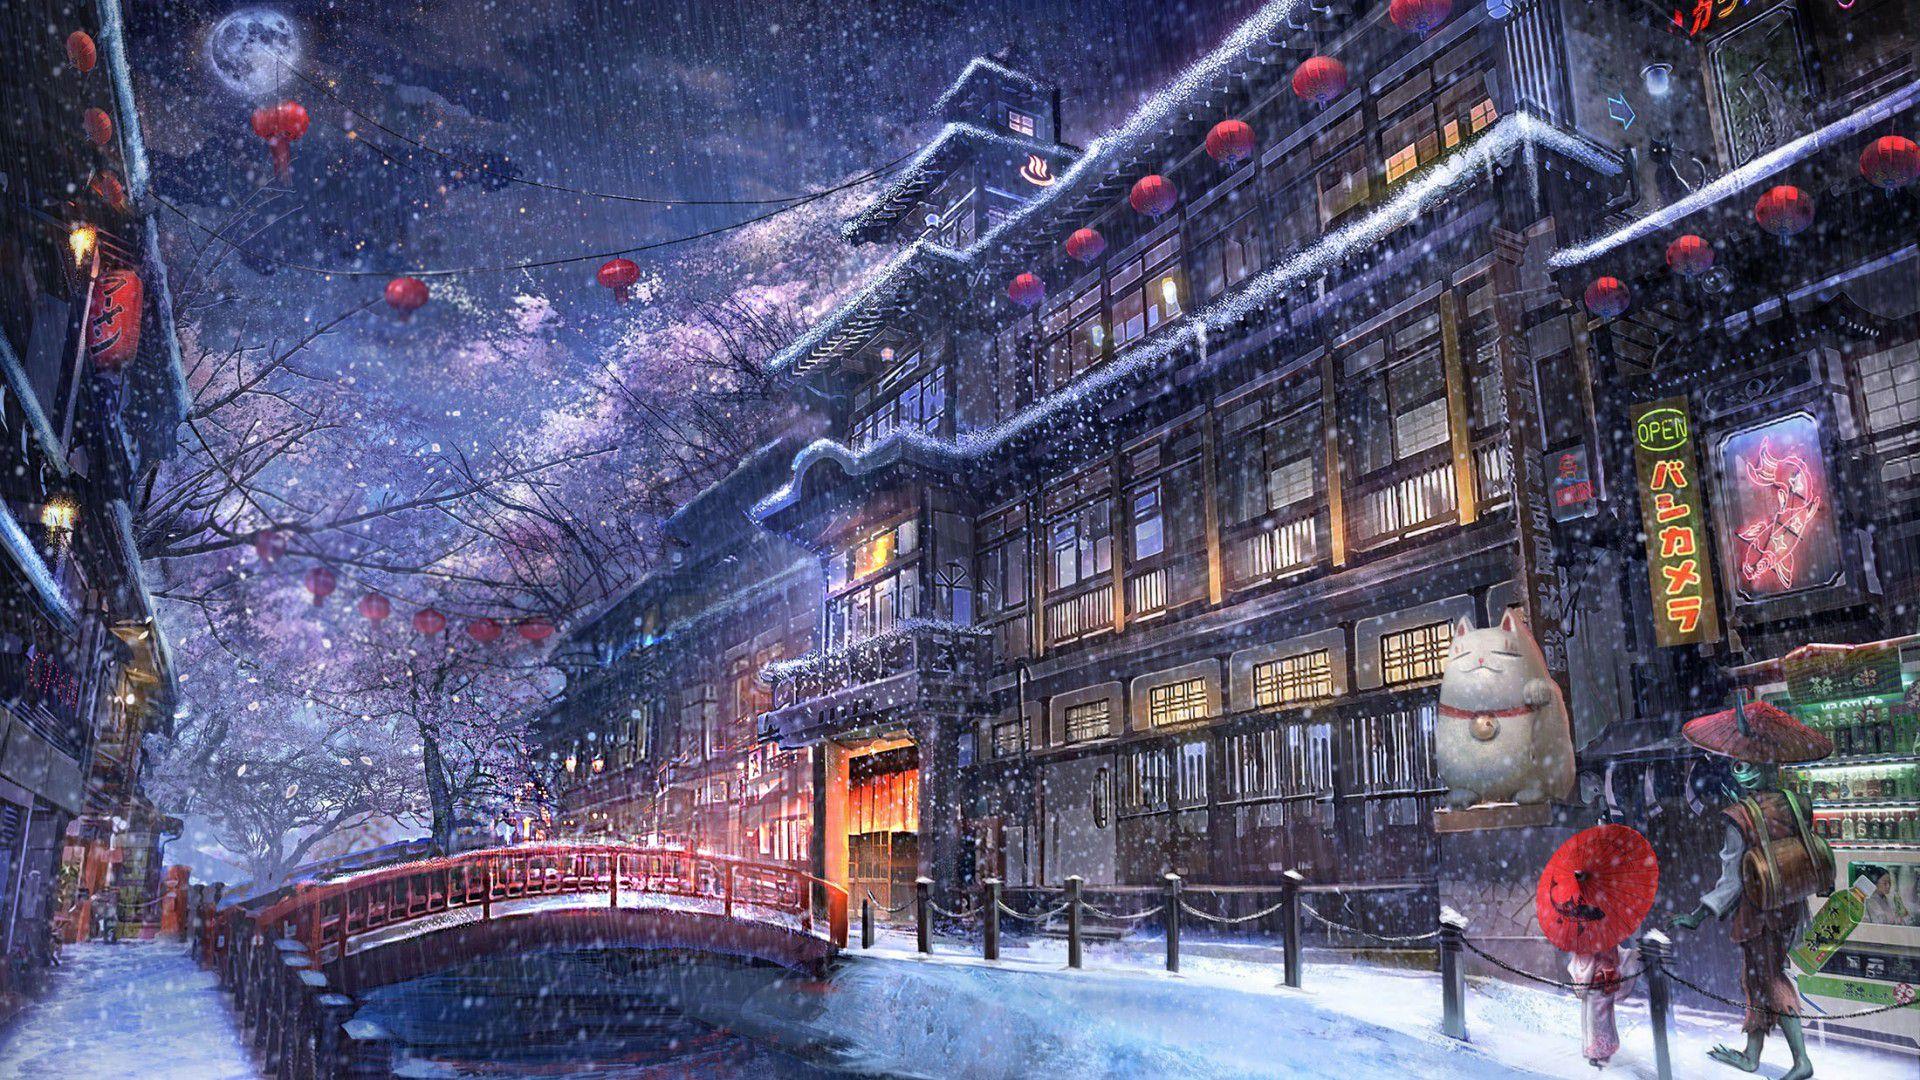 Ảnh đường phố mùa đông anime